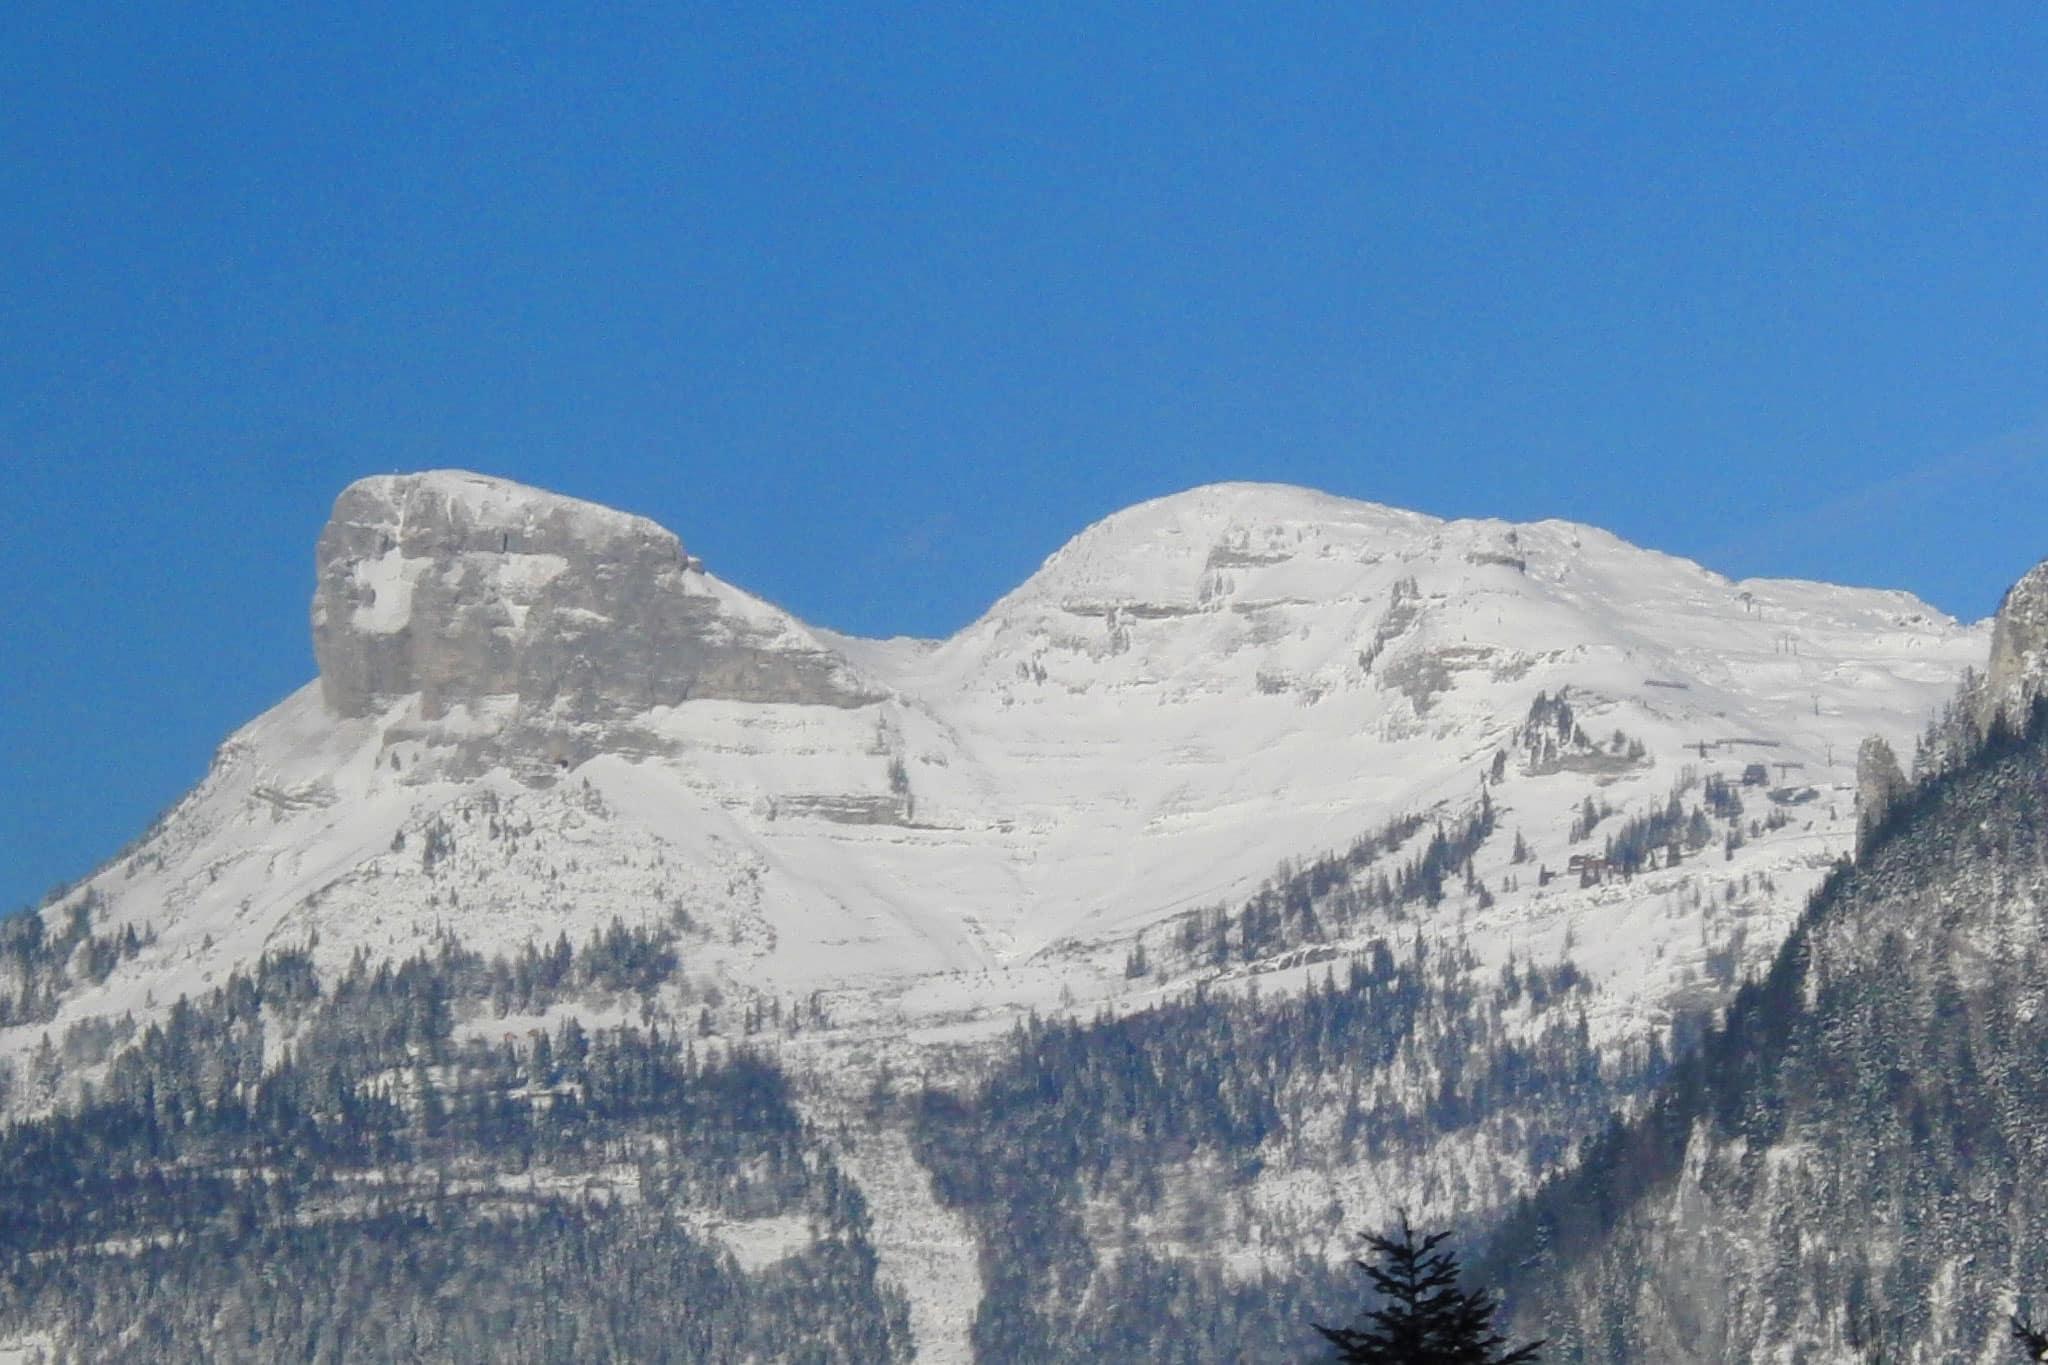 Der Loser ist auch ein beeindruckender Berg - Blick von Lebzelterei Bad Aussee